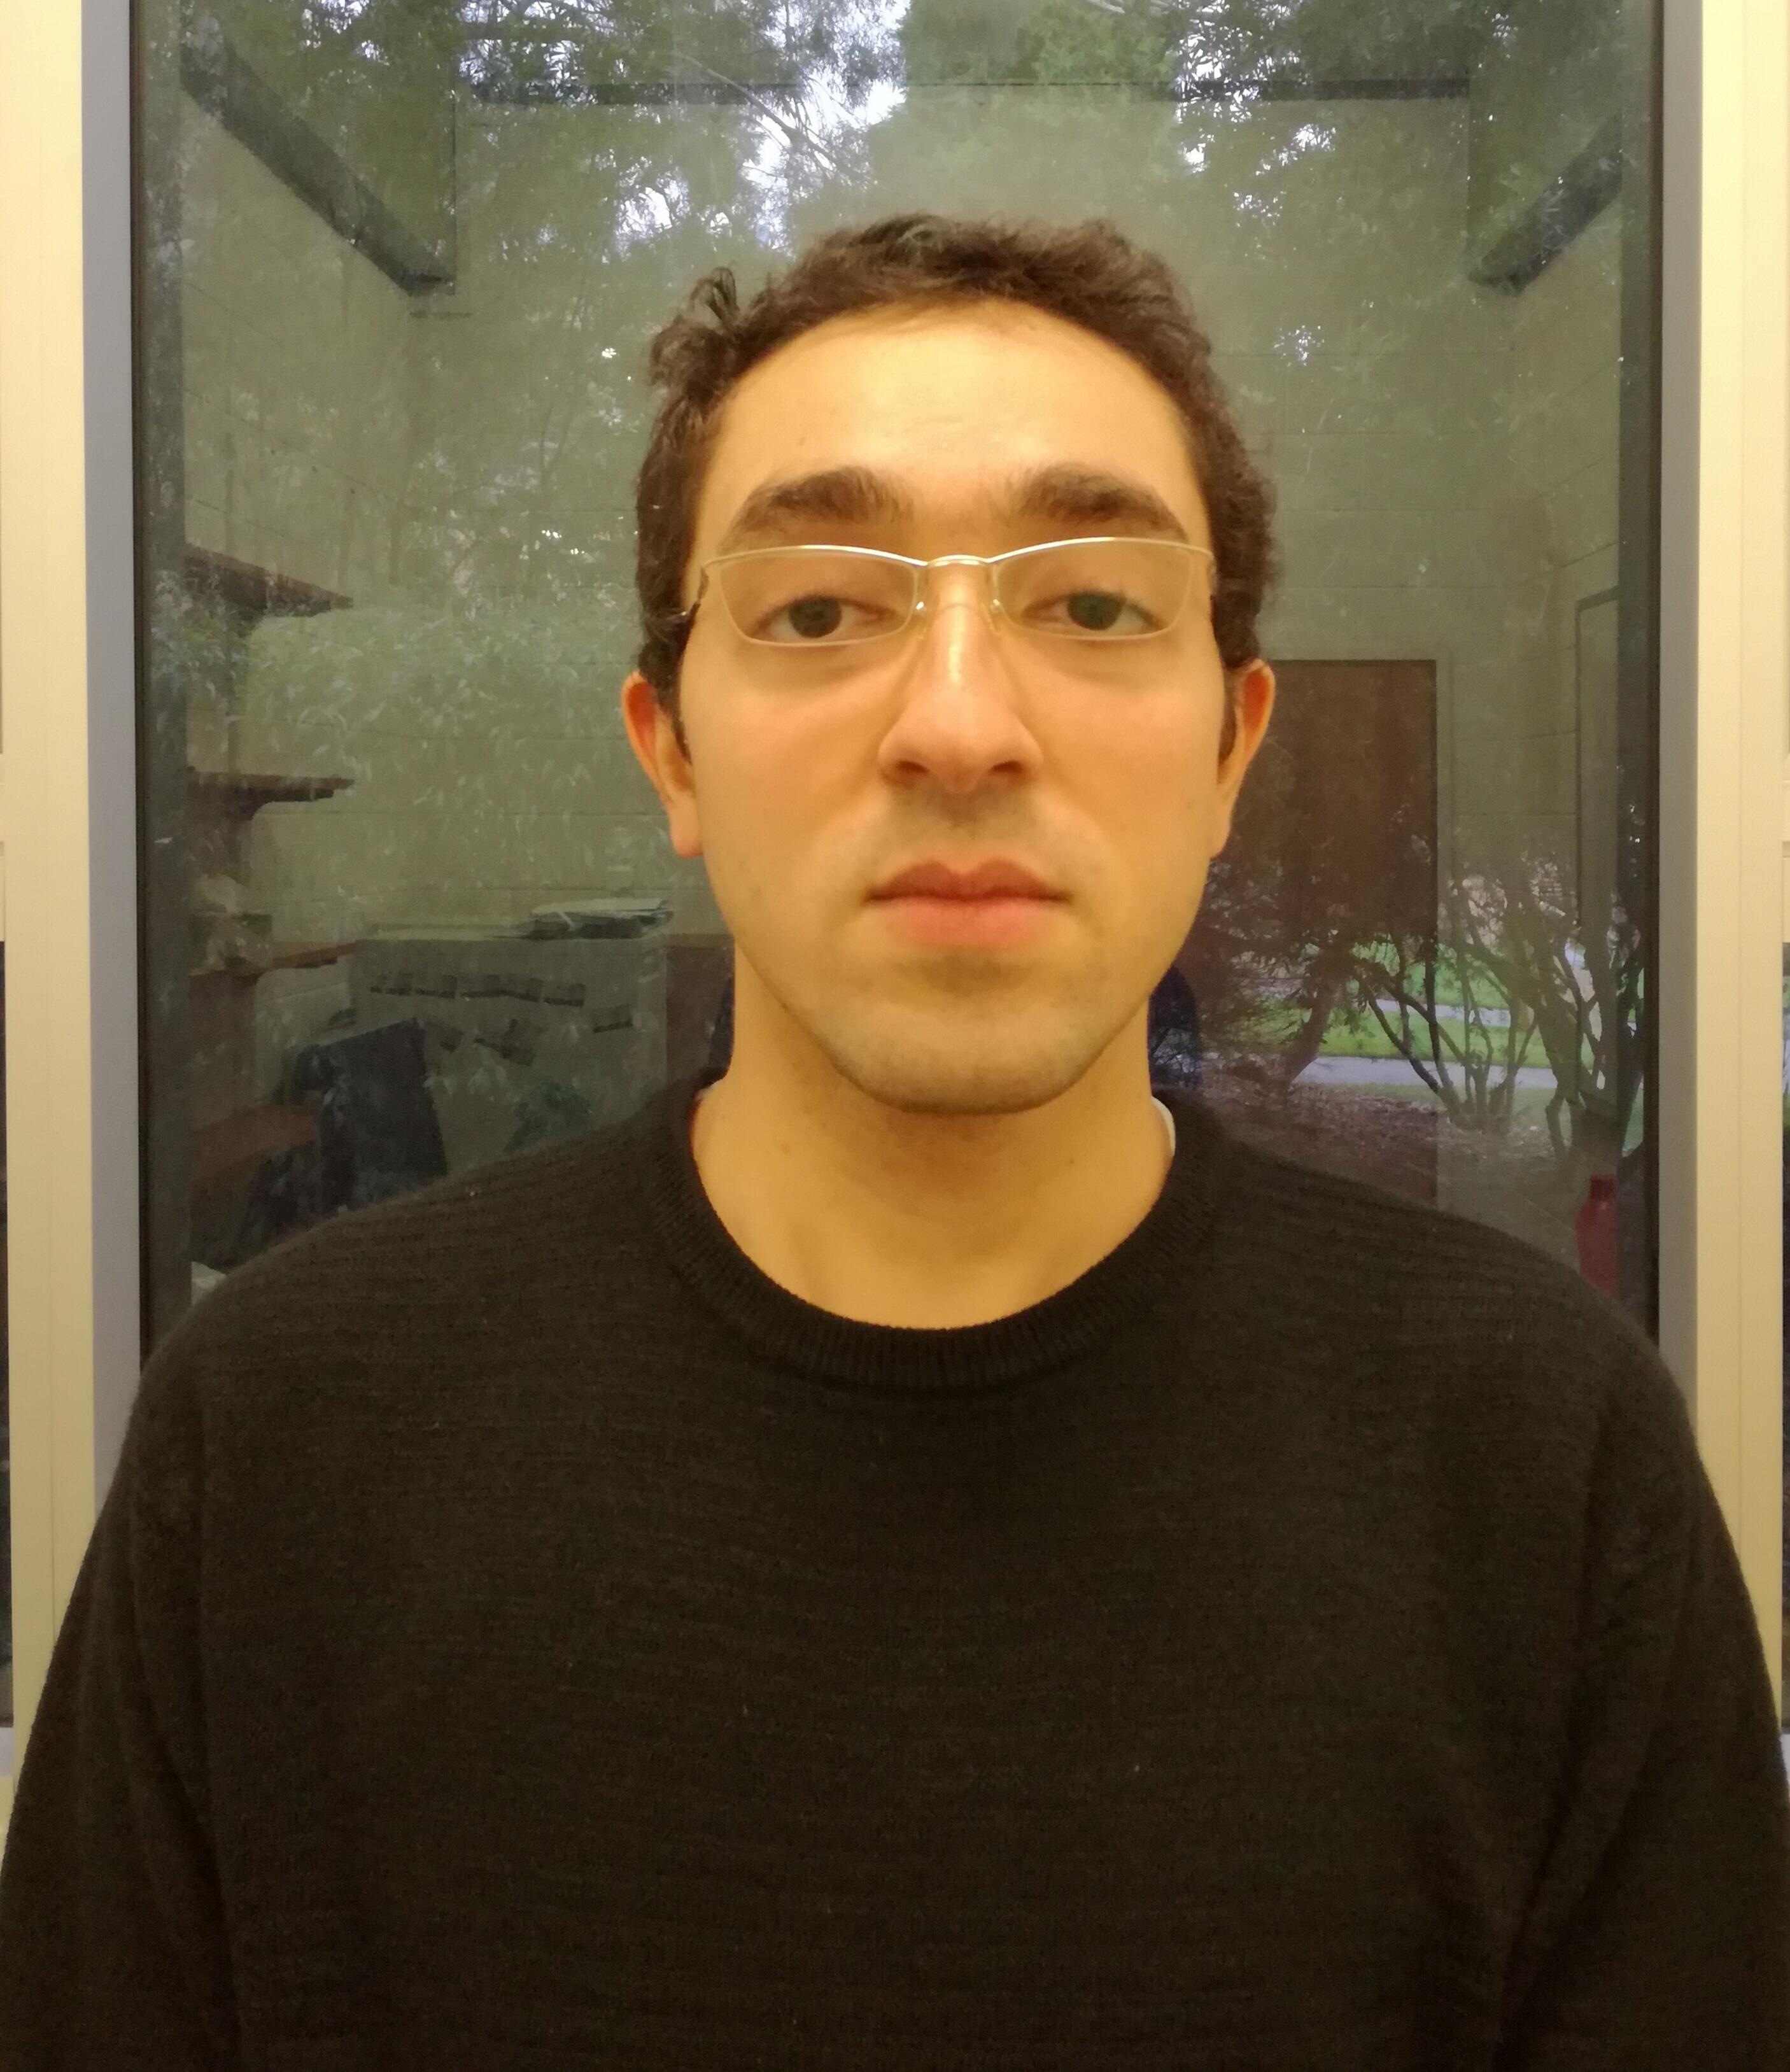 Photograph of Mutaz Barika